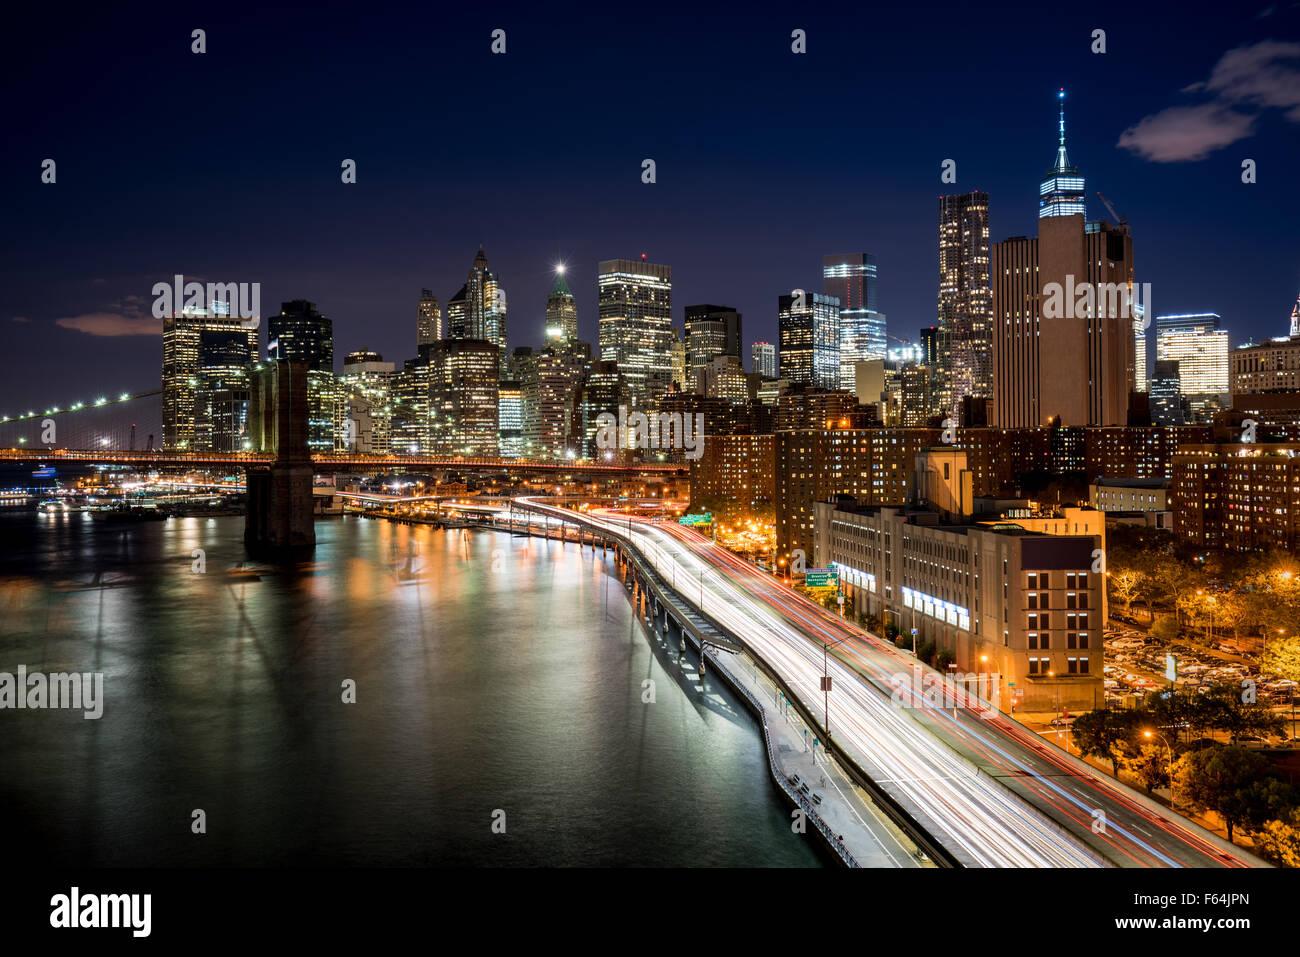 Stadtbild bei Nacht von Lower Manhattan Financial District mit beleuchteten Wolkenkratzern und World Trade Center. Stockbild